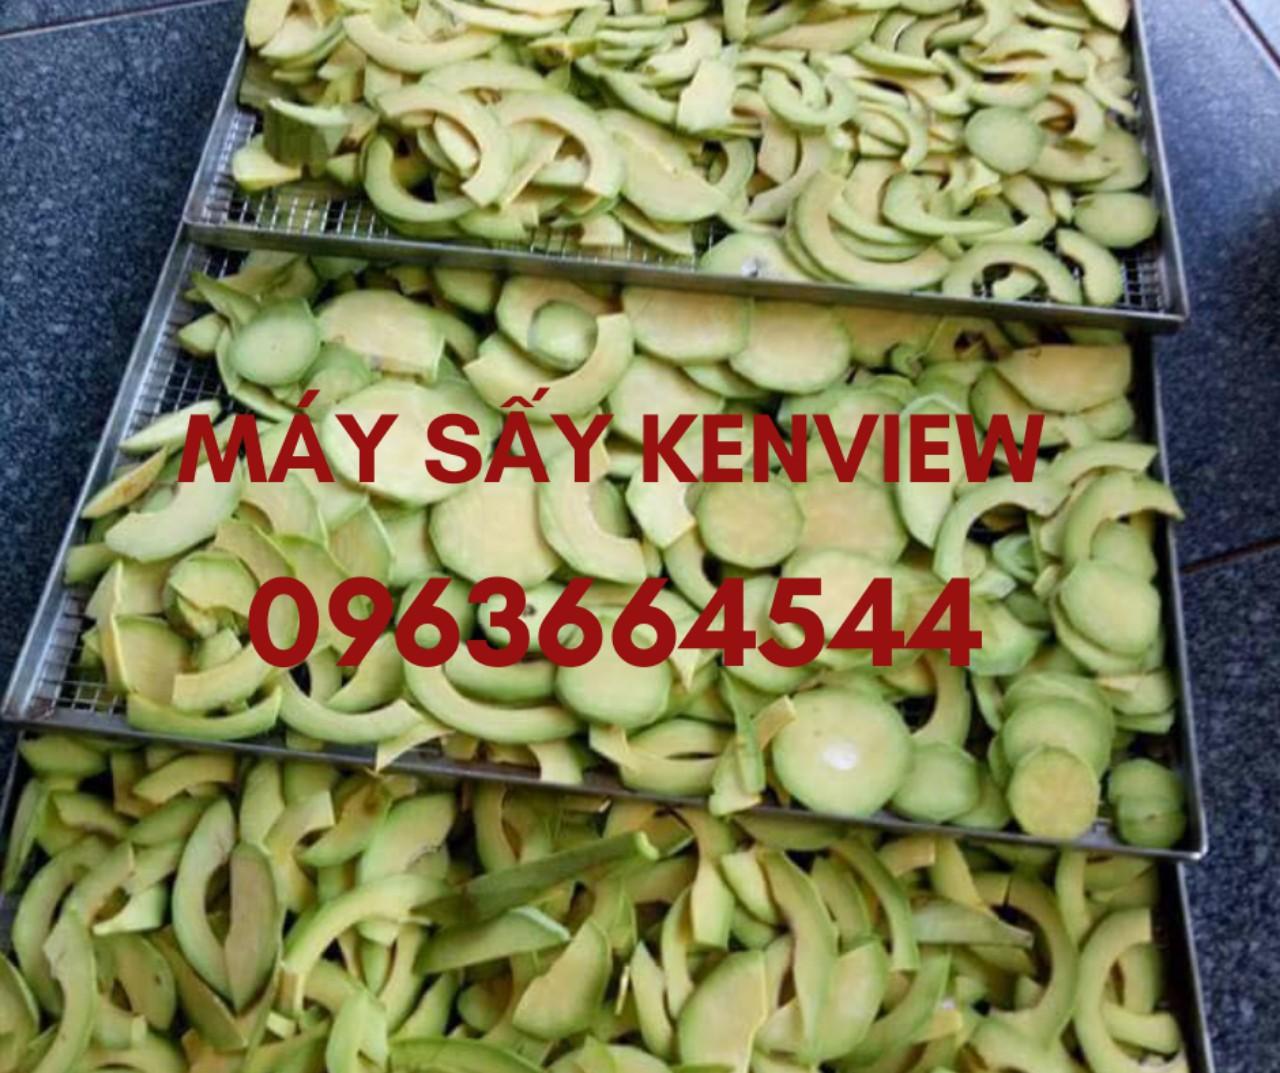 Bơ sấy - Tinh bột bơ - Máy sấy tinh bột bơ công nghiệp 0963664544